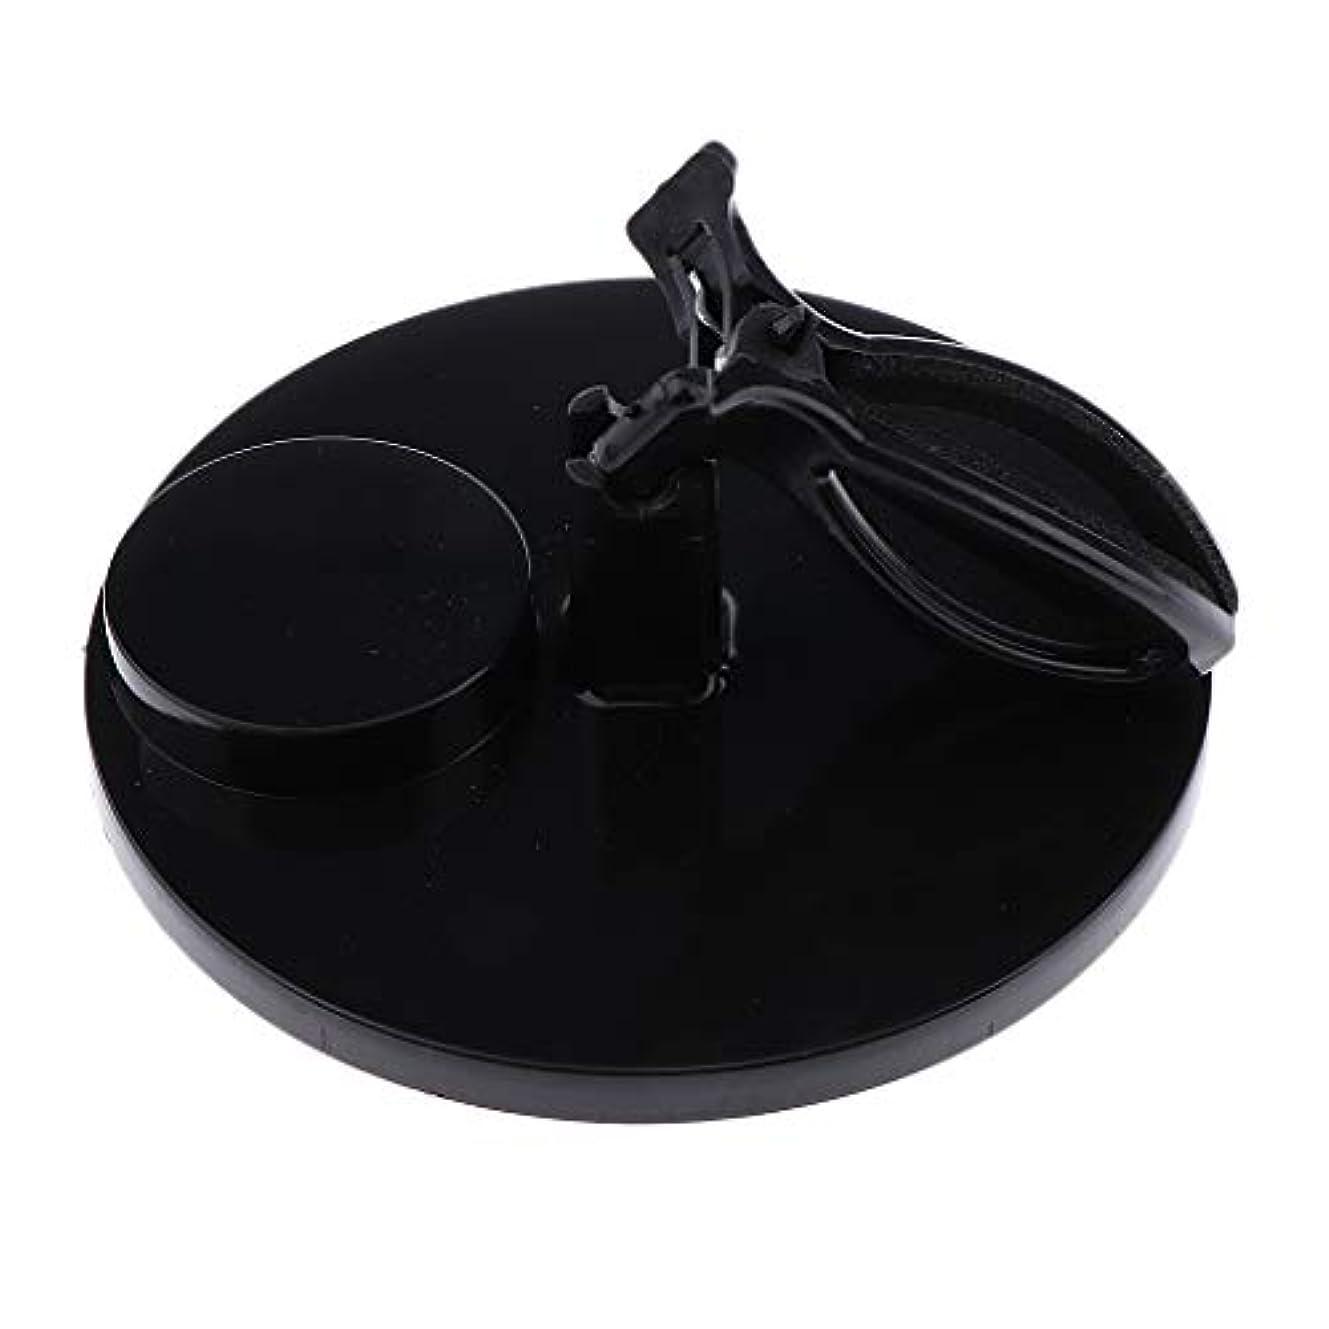 ガラガラブレイズ松の木B Baosity マニキュアボトルホルダー グリップ 調整可能 ネイルアート 5色選べ - ブラック